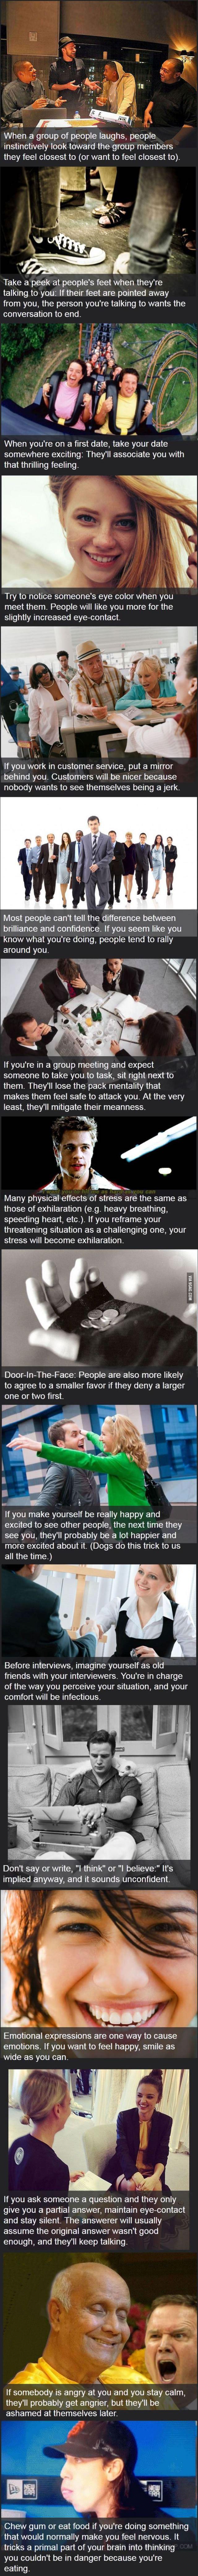 mental life hacks